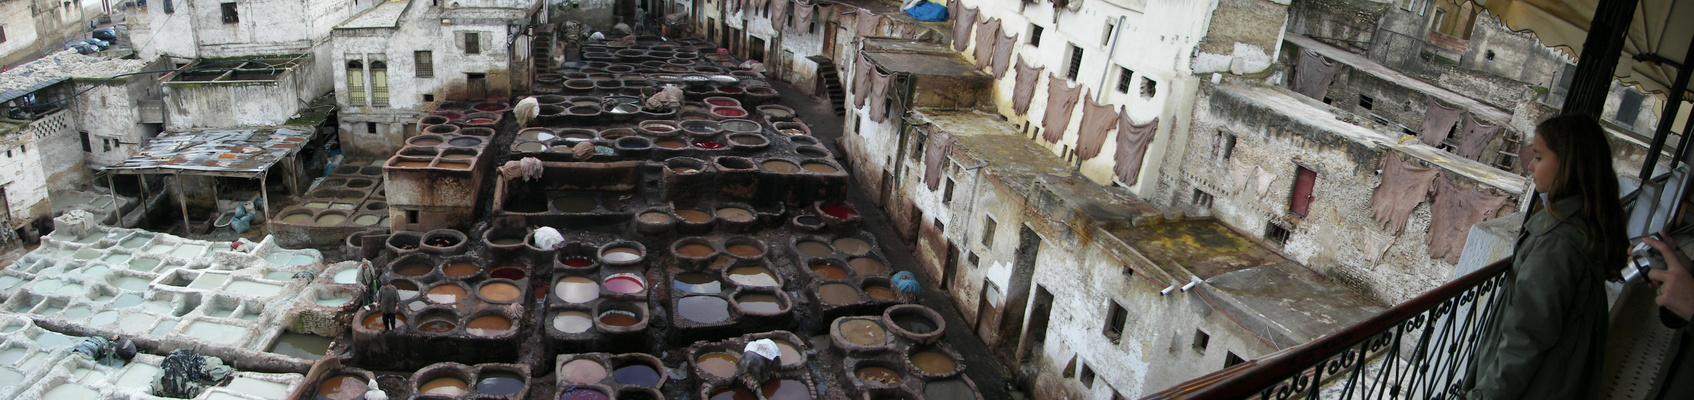 Tannerie de Fes, Maroc